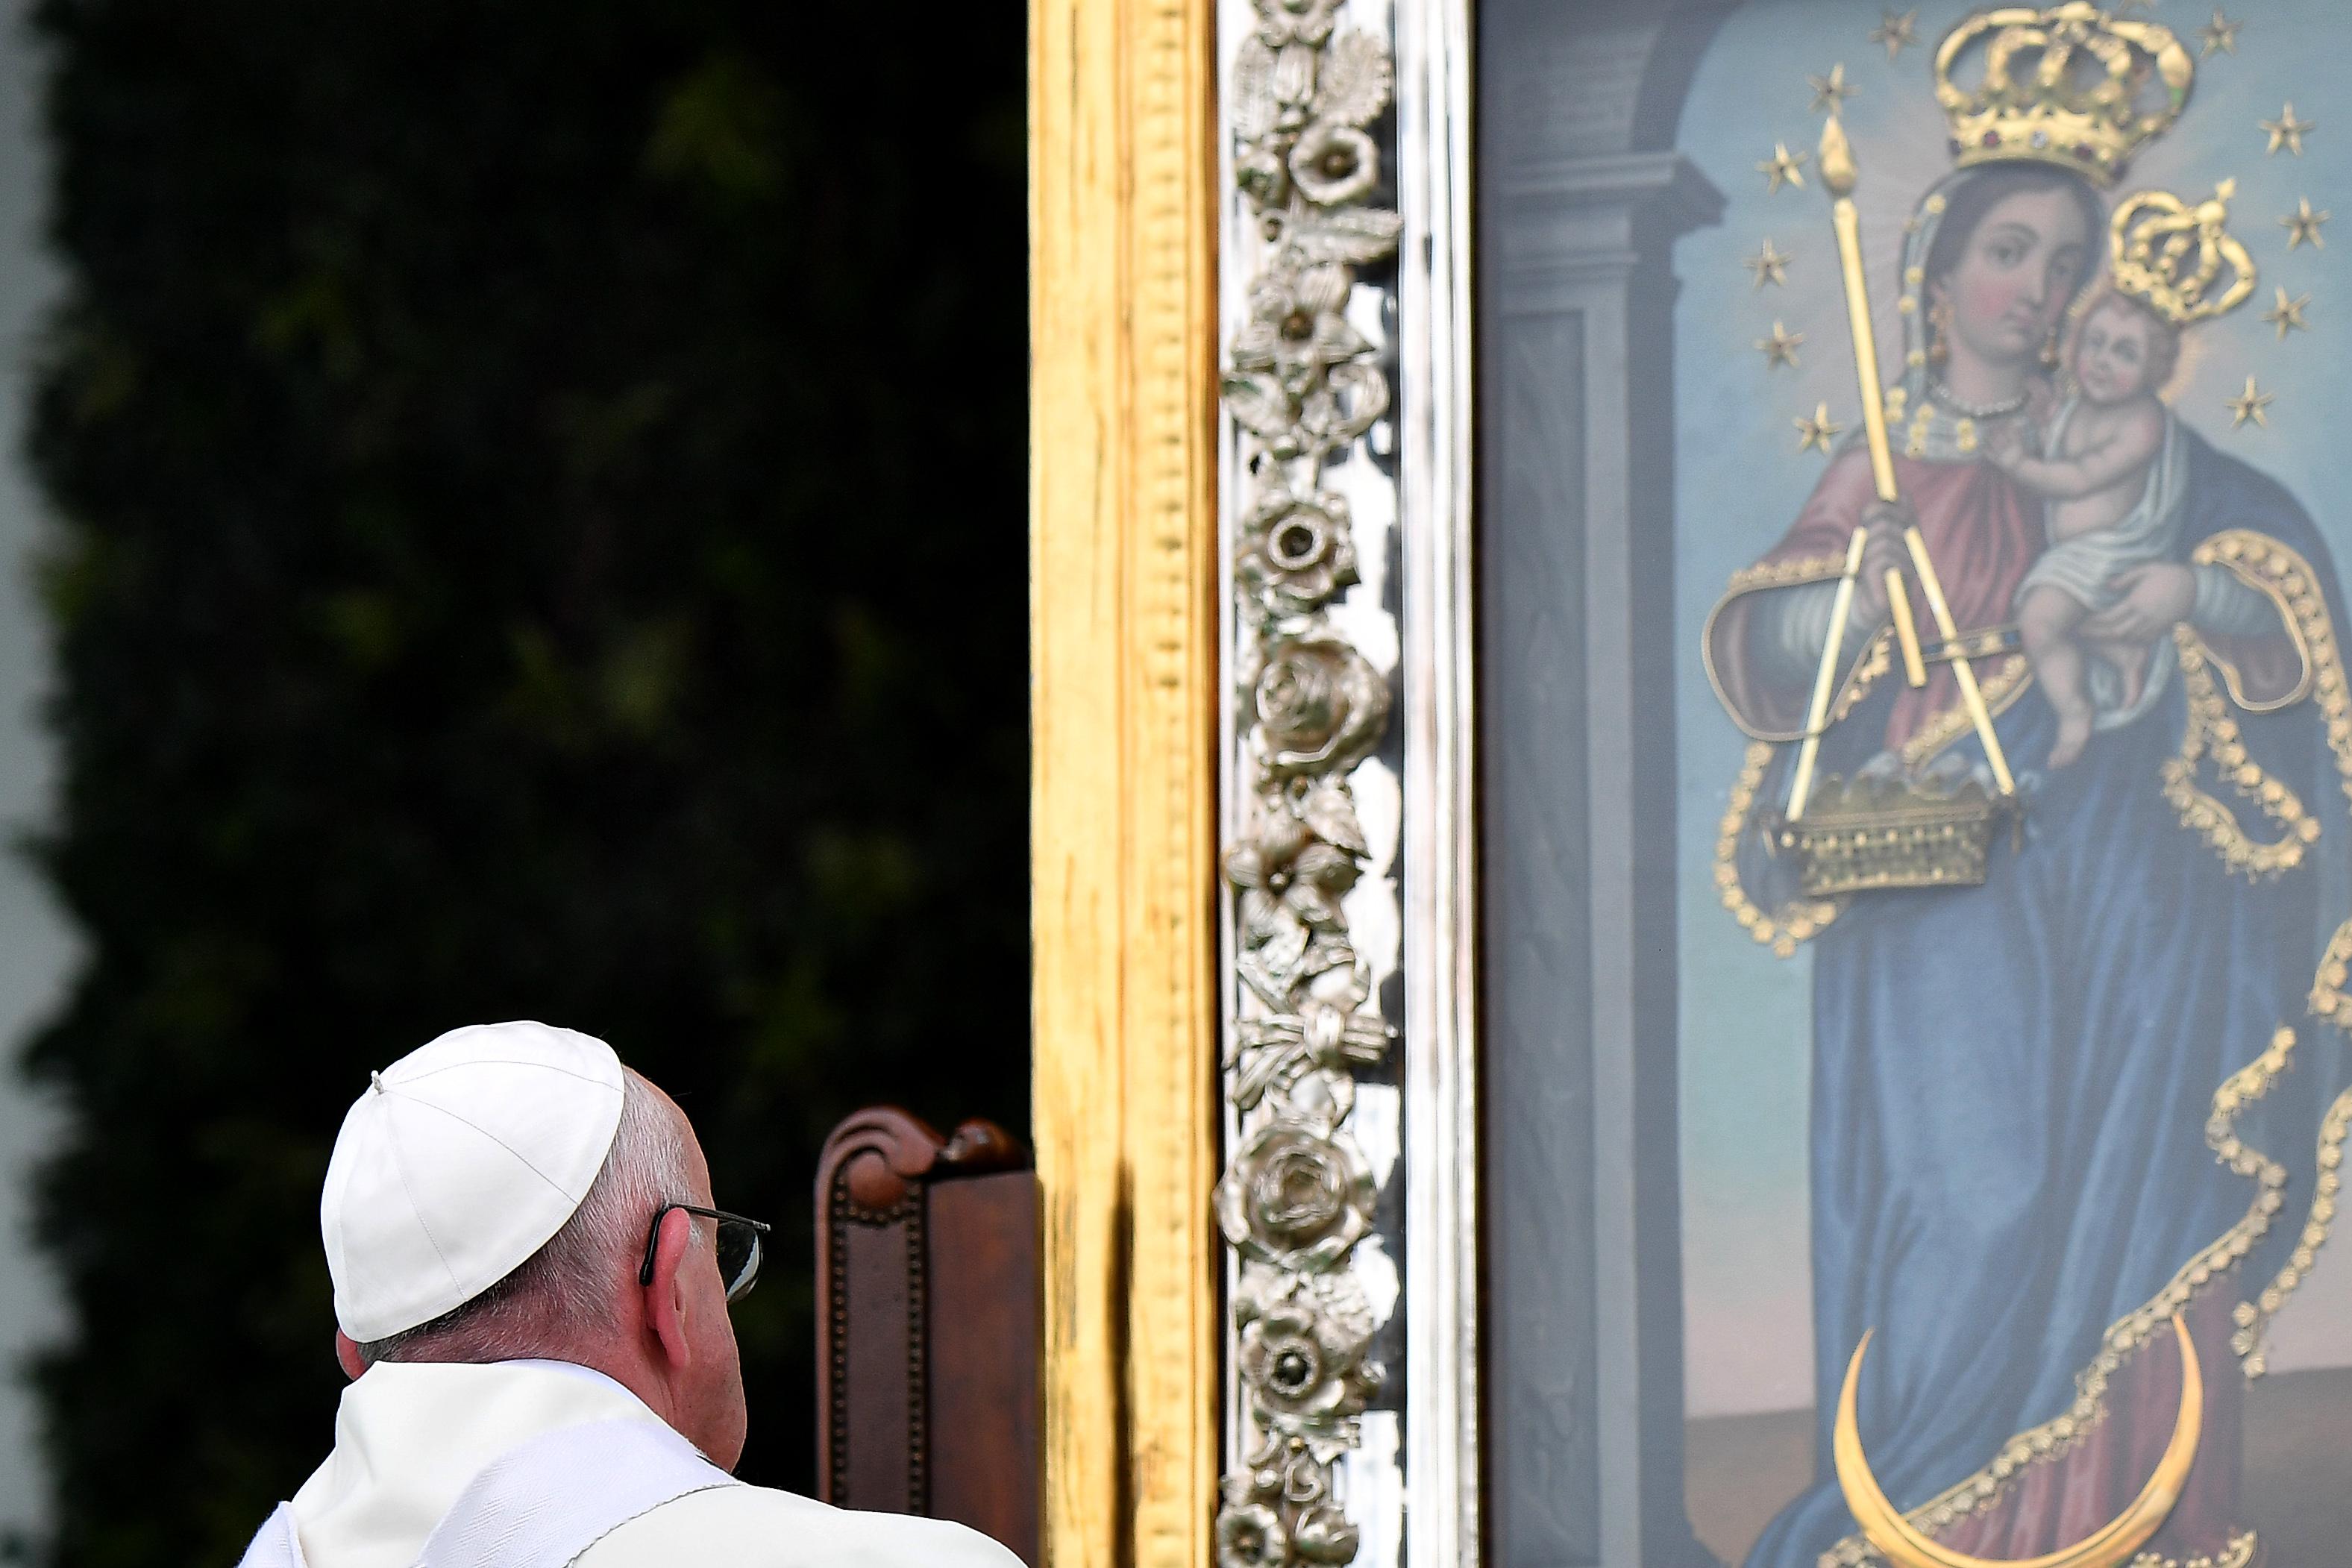 Oraciones para peticiones en el Día de la Virgen Candelaria   AhoraMismo.com